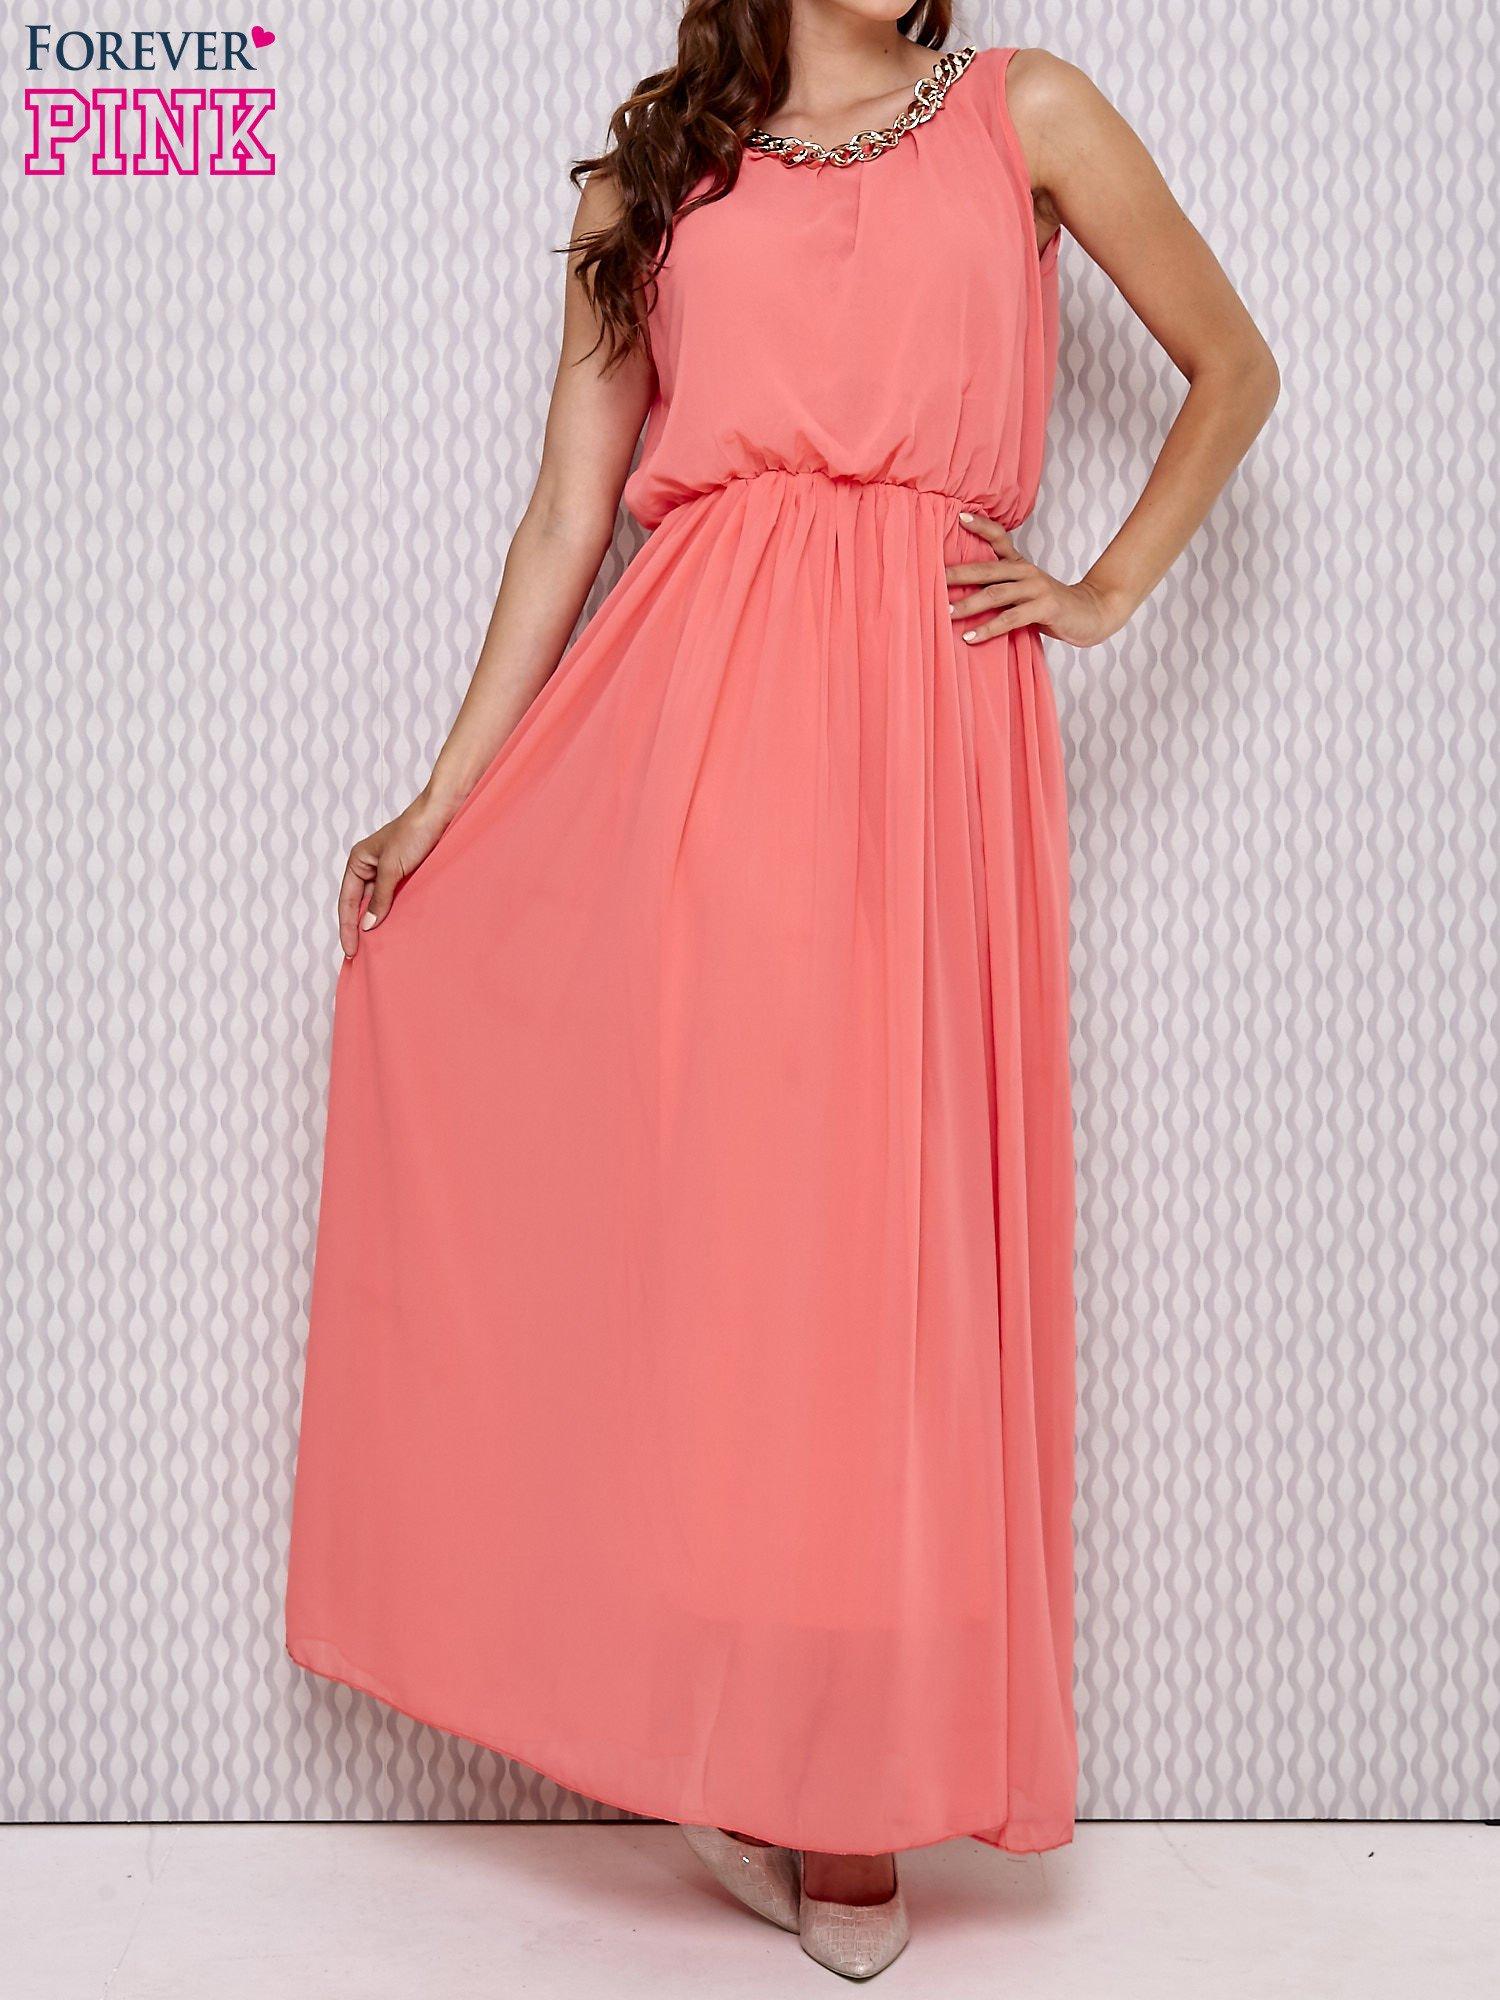 Koralowa sukienka maxi z łańcuchem przy dekolcie                                  zdj.                                  1